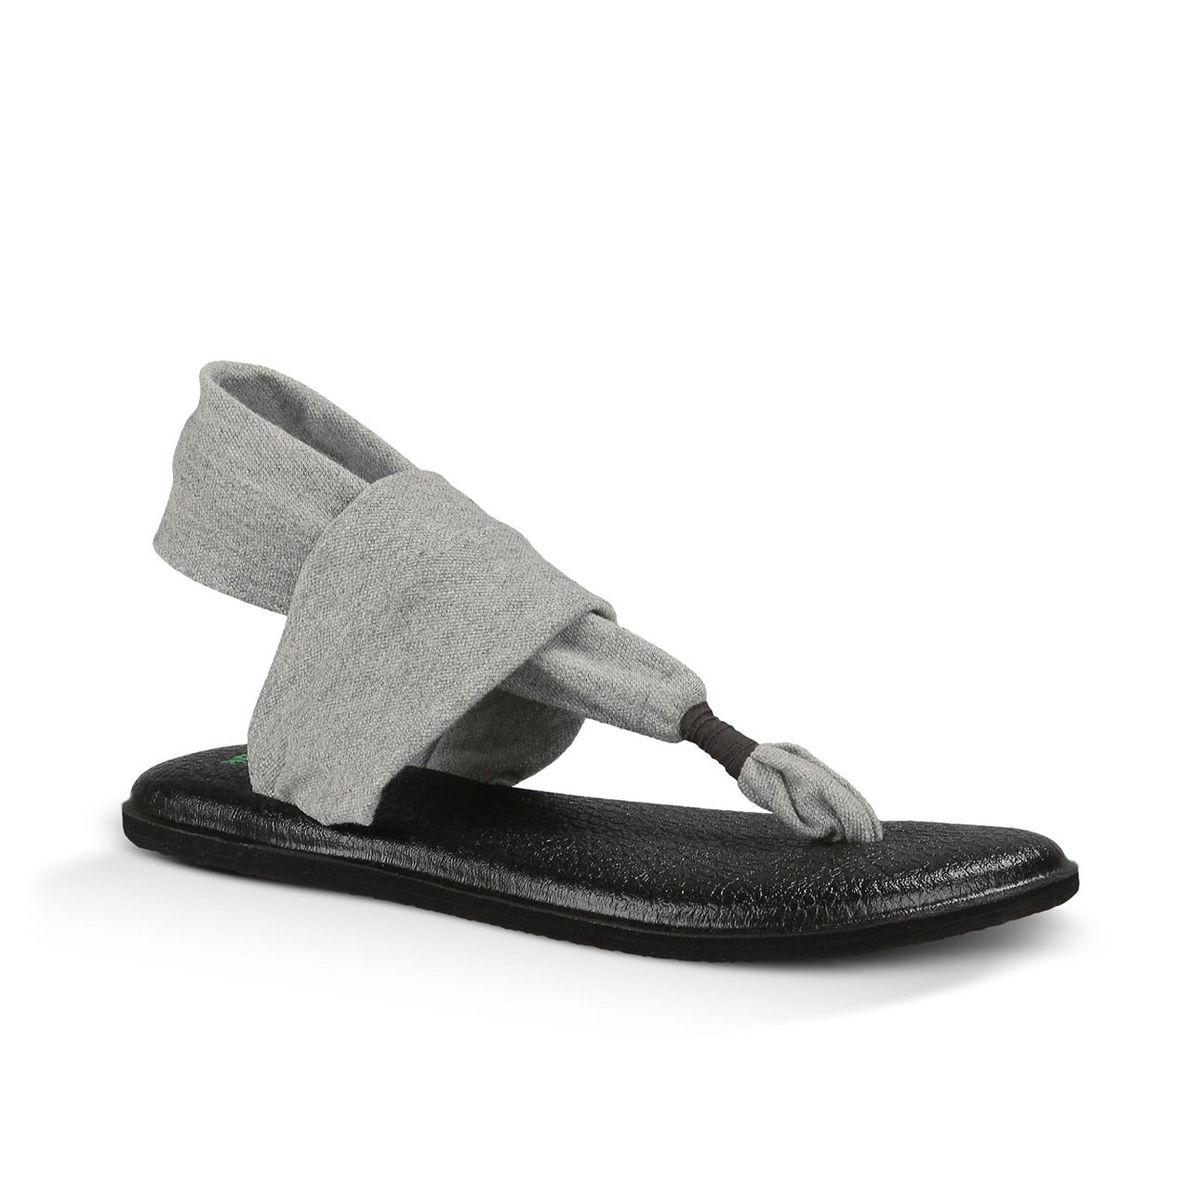 Sanuk Women's Yoga Sling 2 Flip-Flops - Black, 11